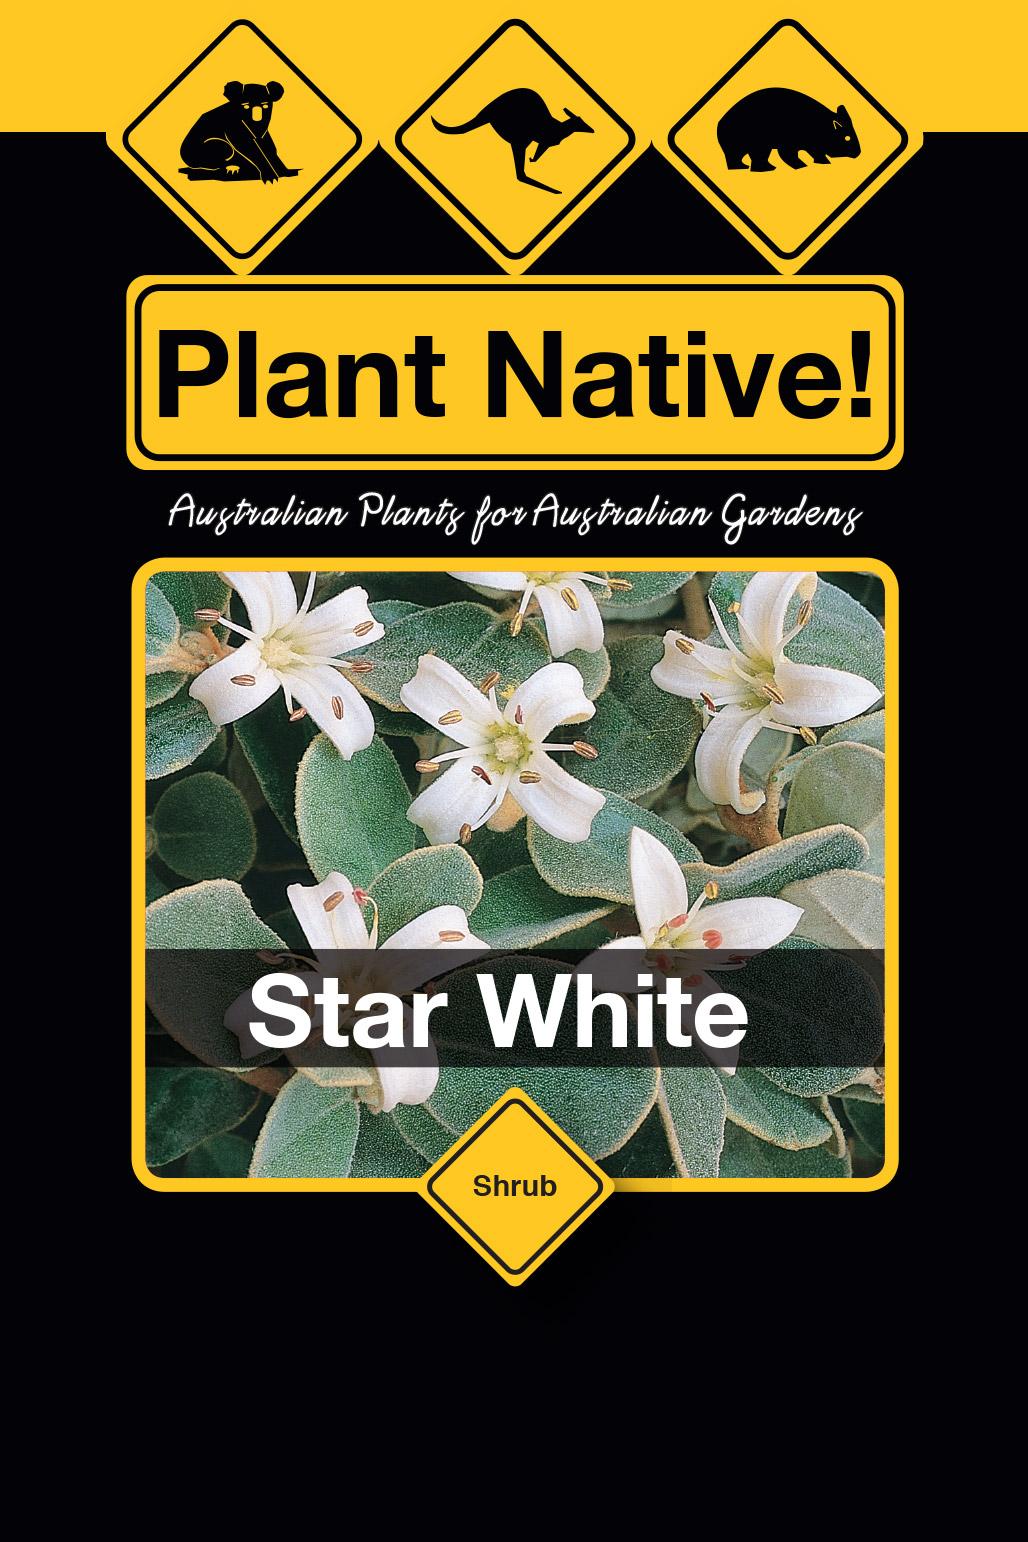 Star White - Plant Native!